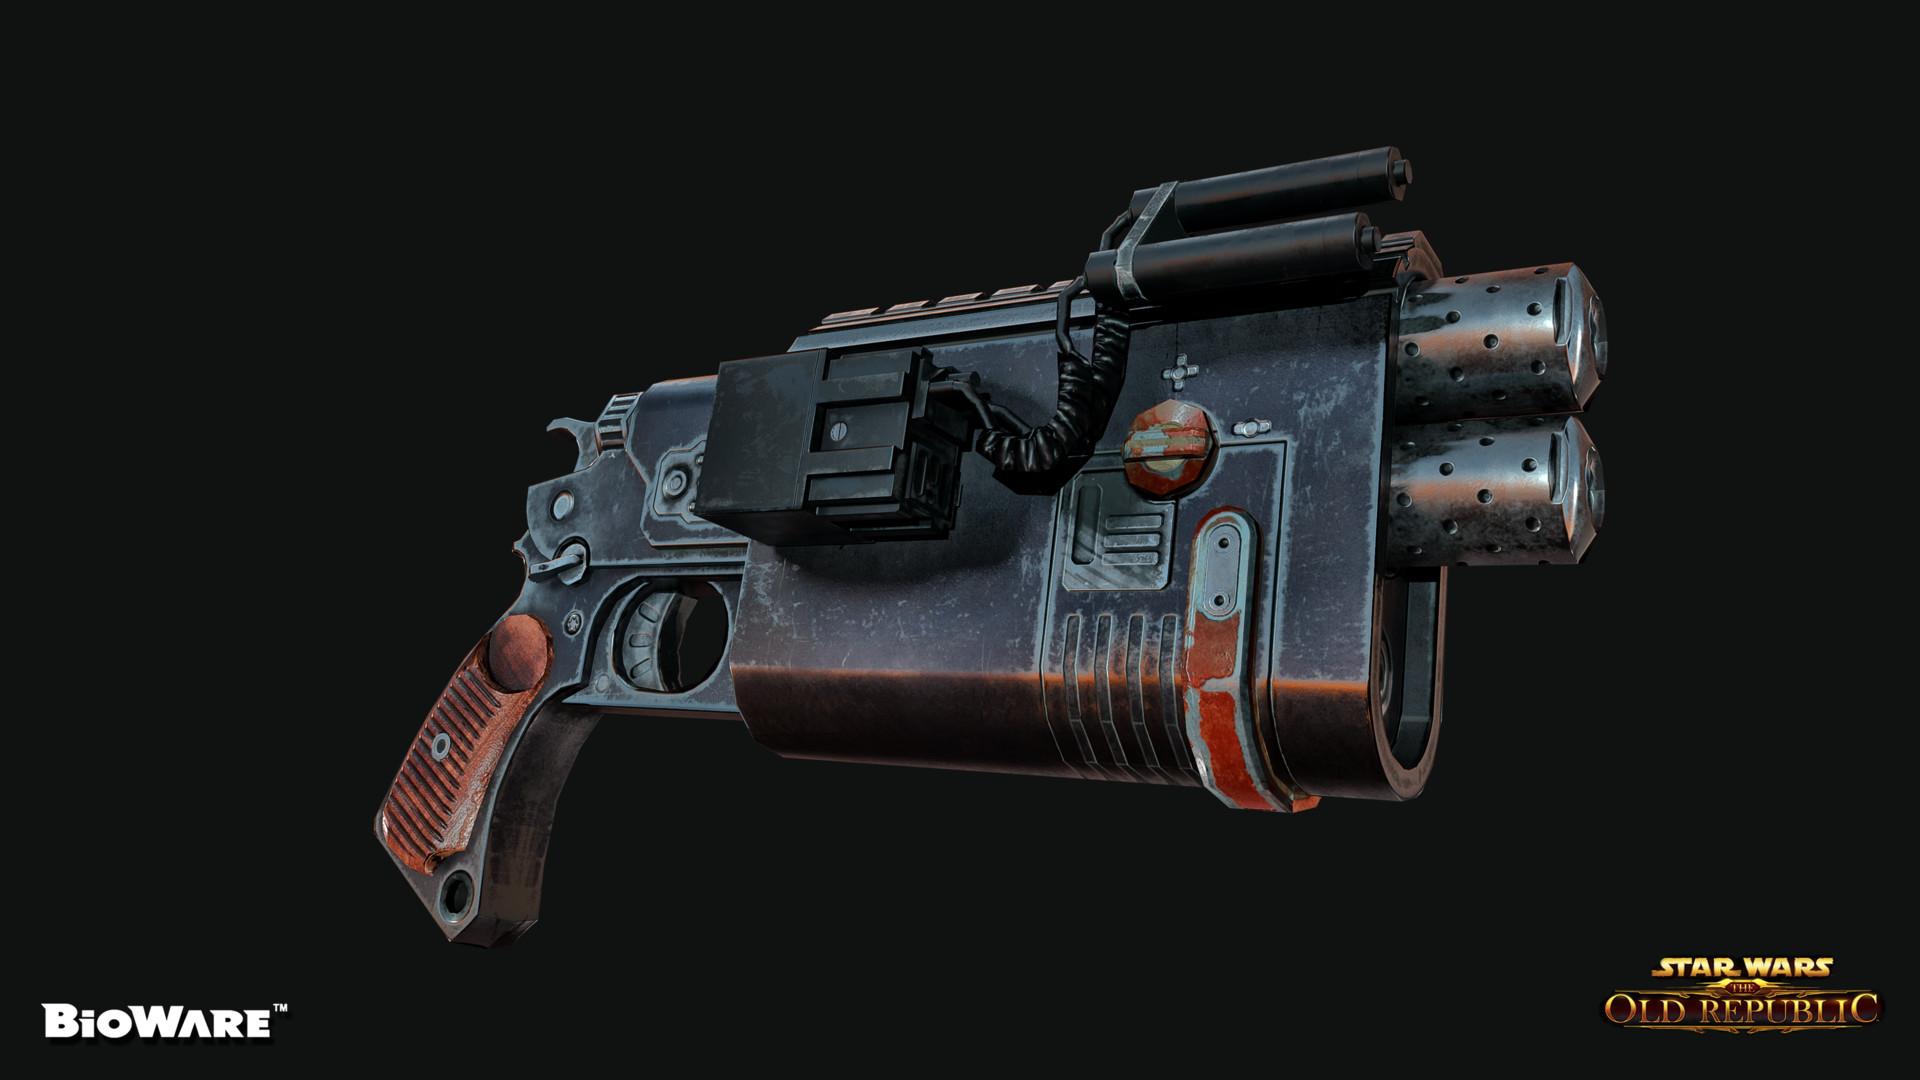 Markel milanes blaster mtx20 04